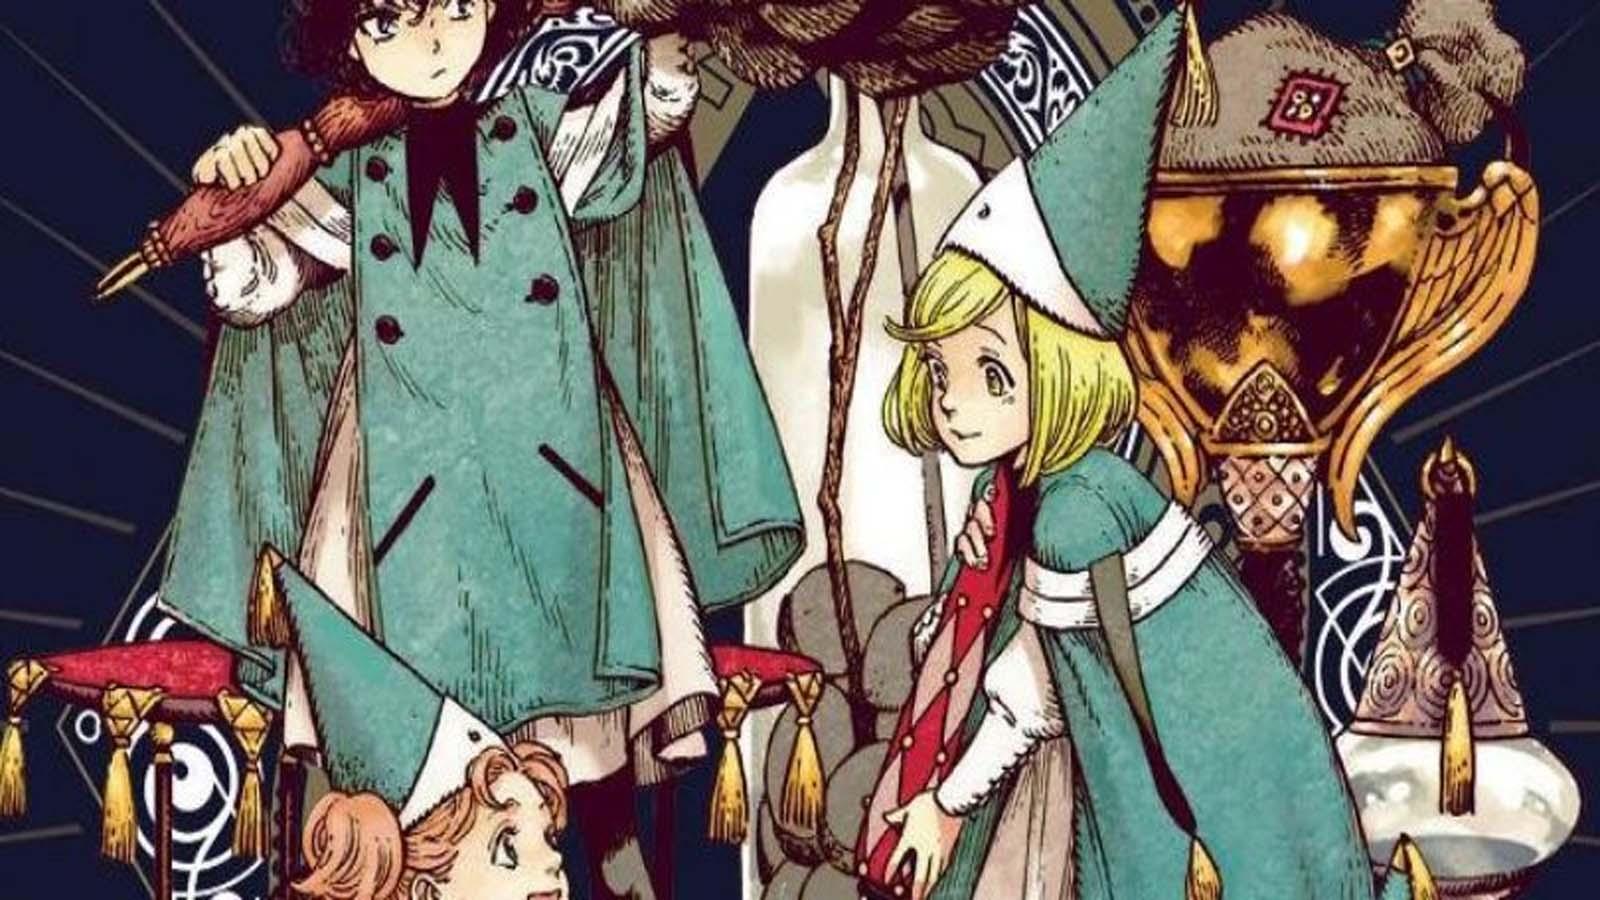 Los mejores mangas de Magia - Oniichanime